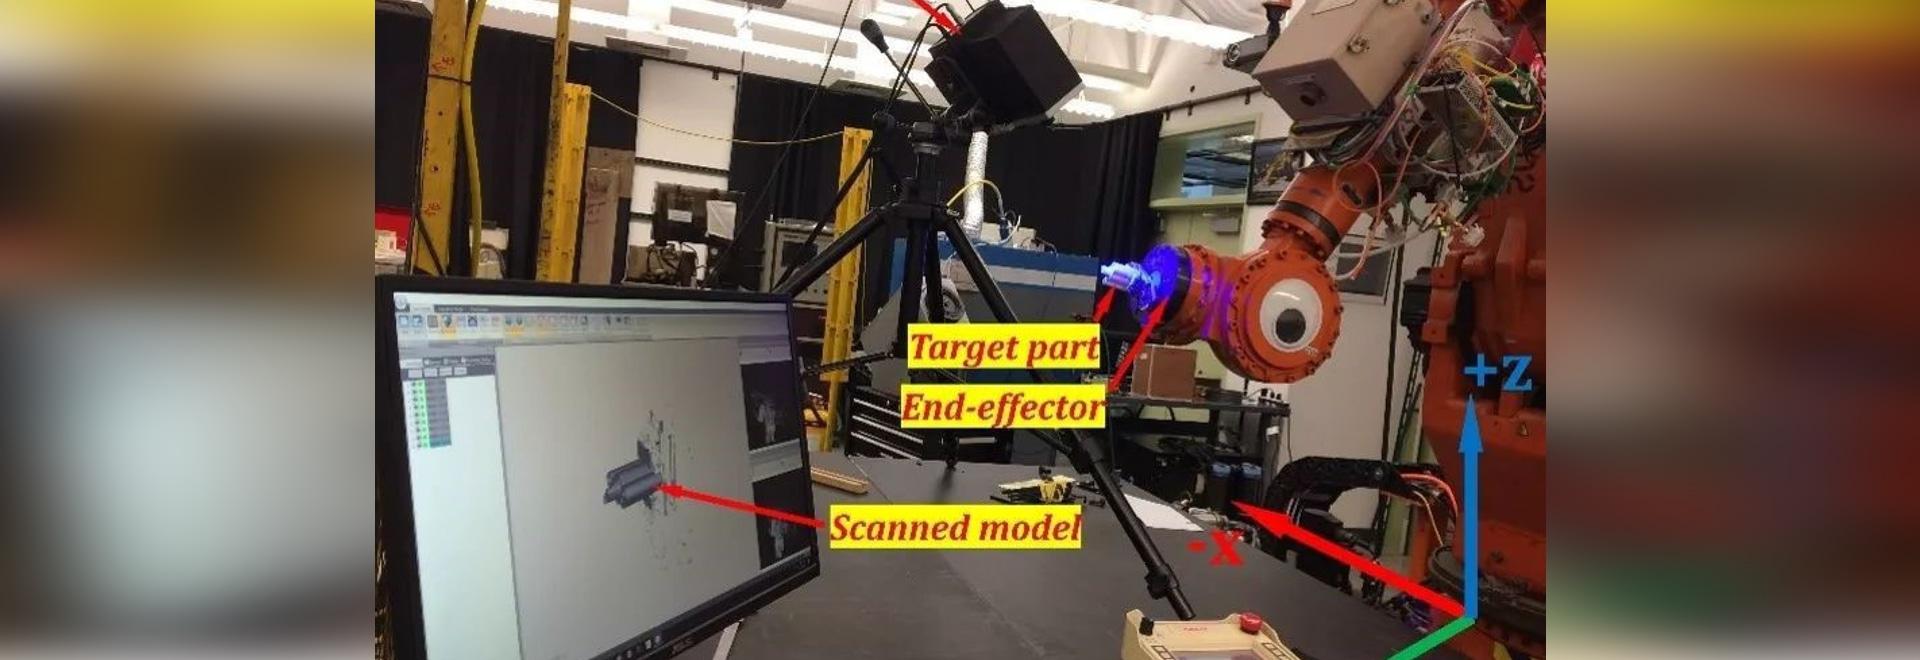 La universidad de ciencia y tecnología de Missouri utilizó OptimScan-5M en la reparación laser-ayudada de componentes metálicos